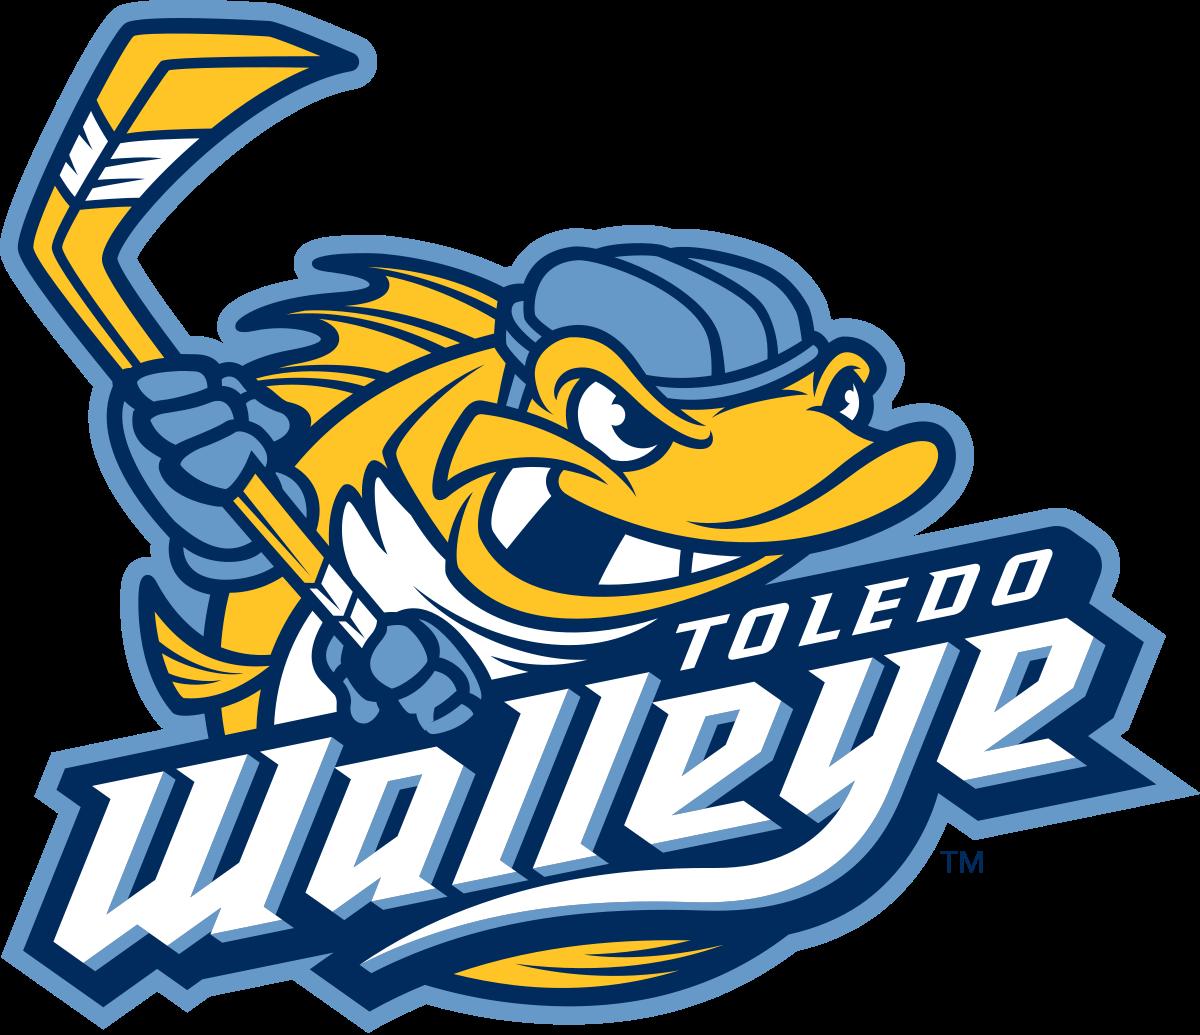 Toledo walleye wikipedia . Winter clipart storm